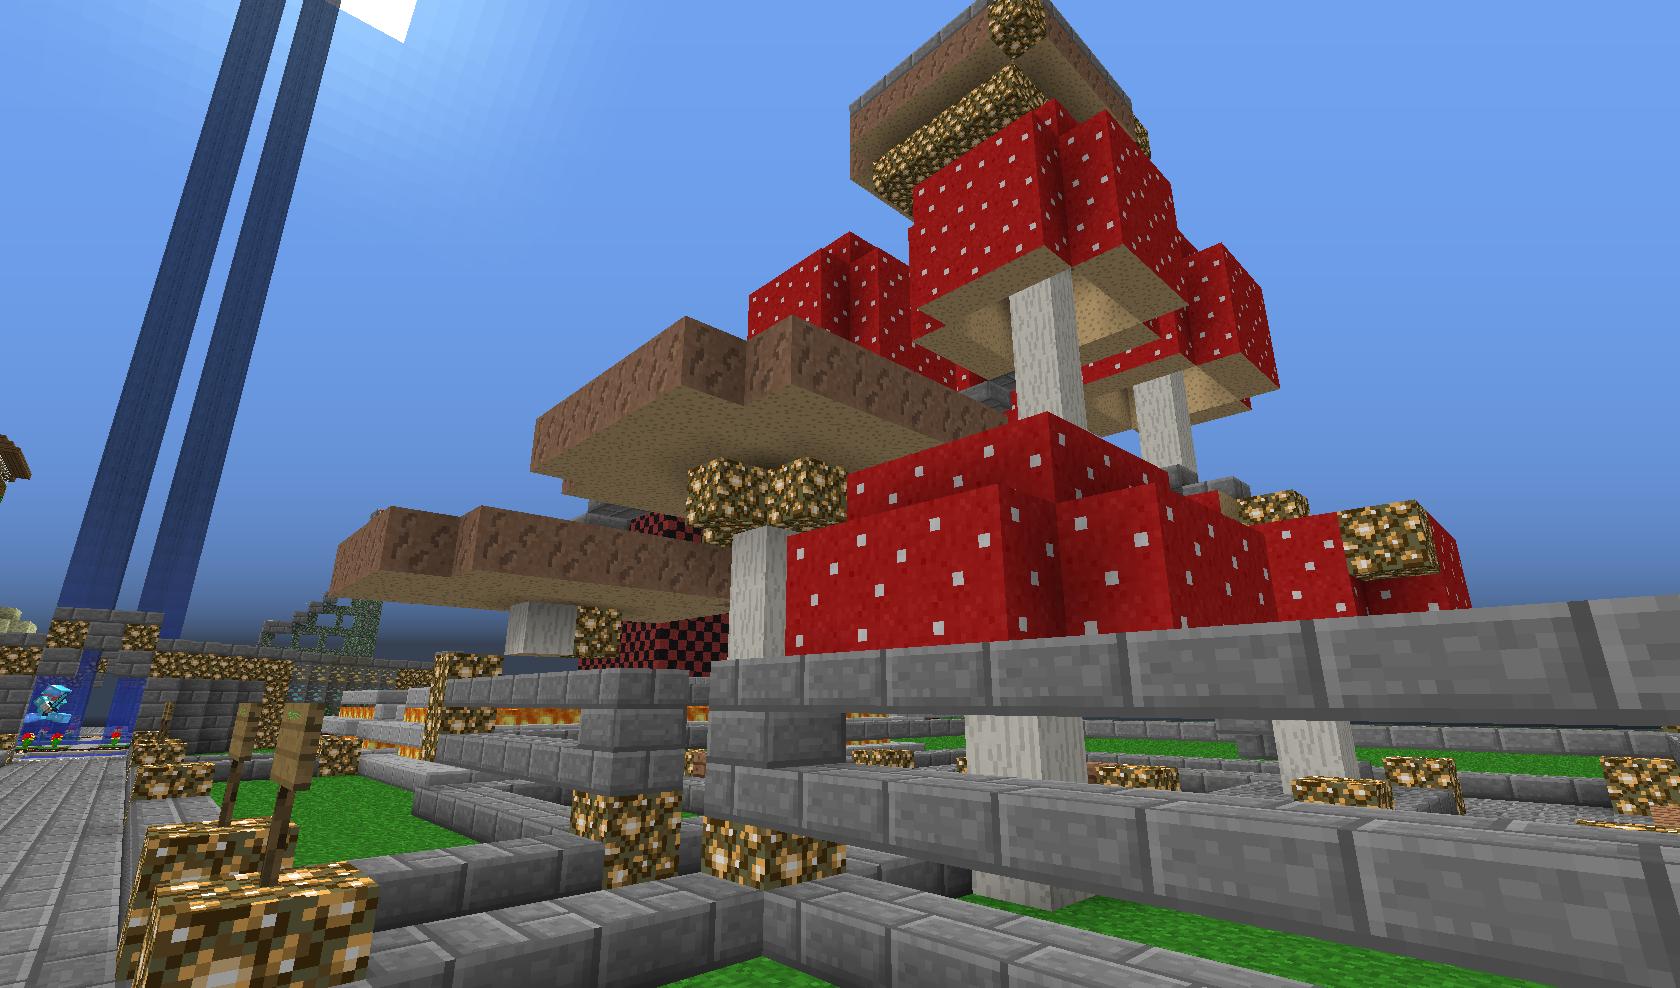 Park grzybów